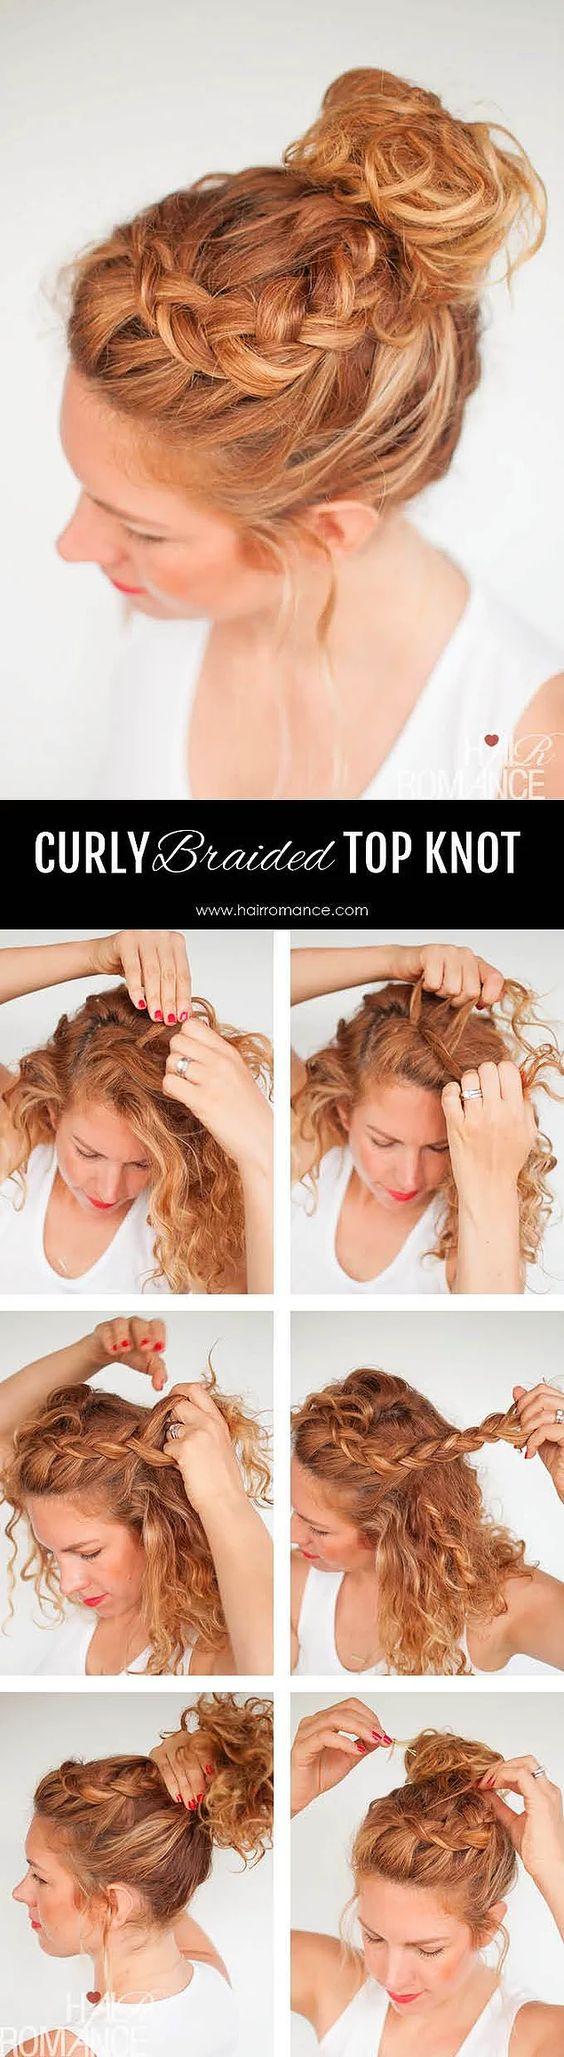 Sıcak yaz günlerinde hem stil hem kullanışlı bir model olan bu topuzu yapmak için,önden ayırdığınız saçınızın bir tarafını arkaya doğru örün; ardından üst tarafta, tüm saçınızla birleştirip toplayın.: